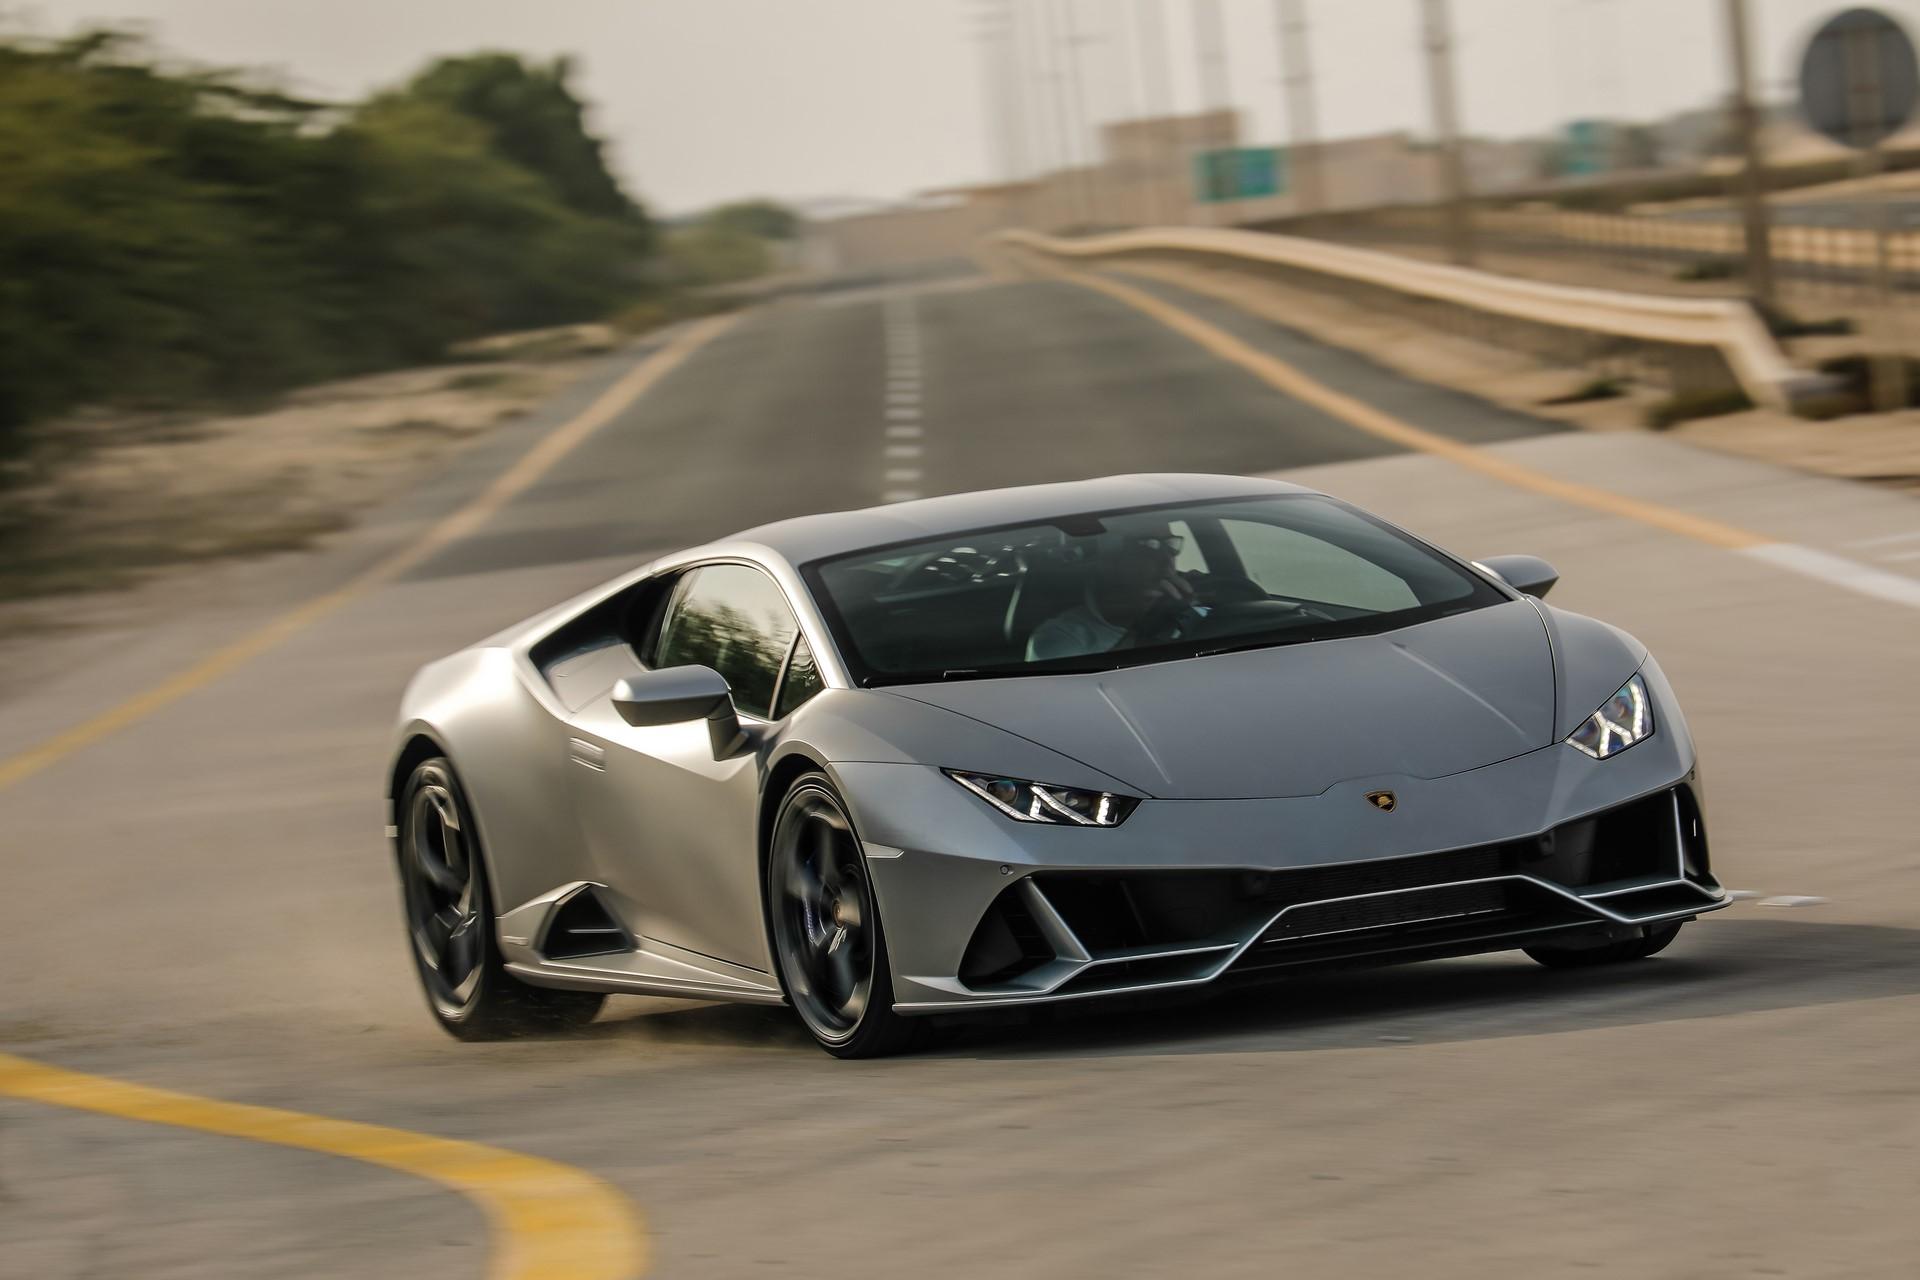 Lamborghini Huracan Evo 2019 (15)